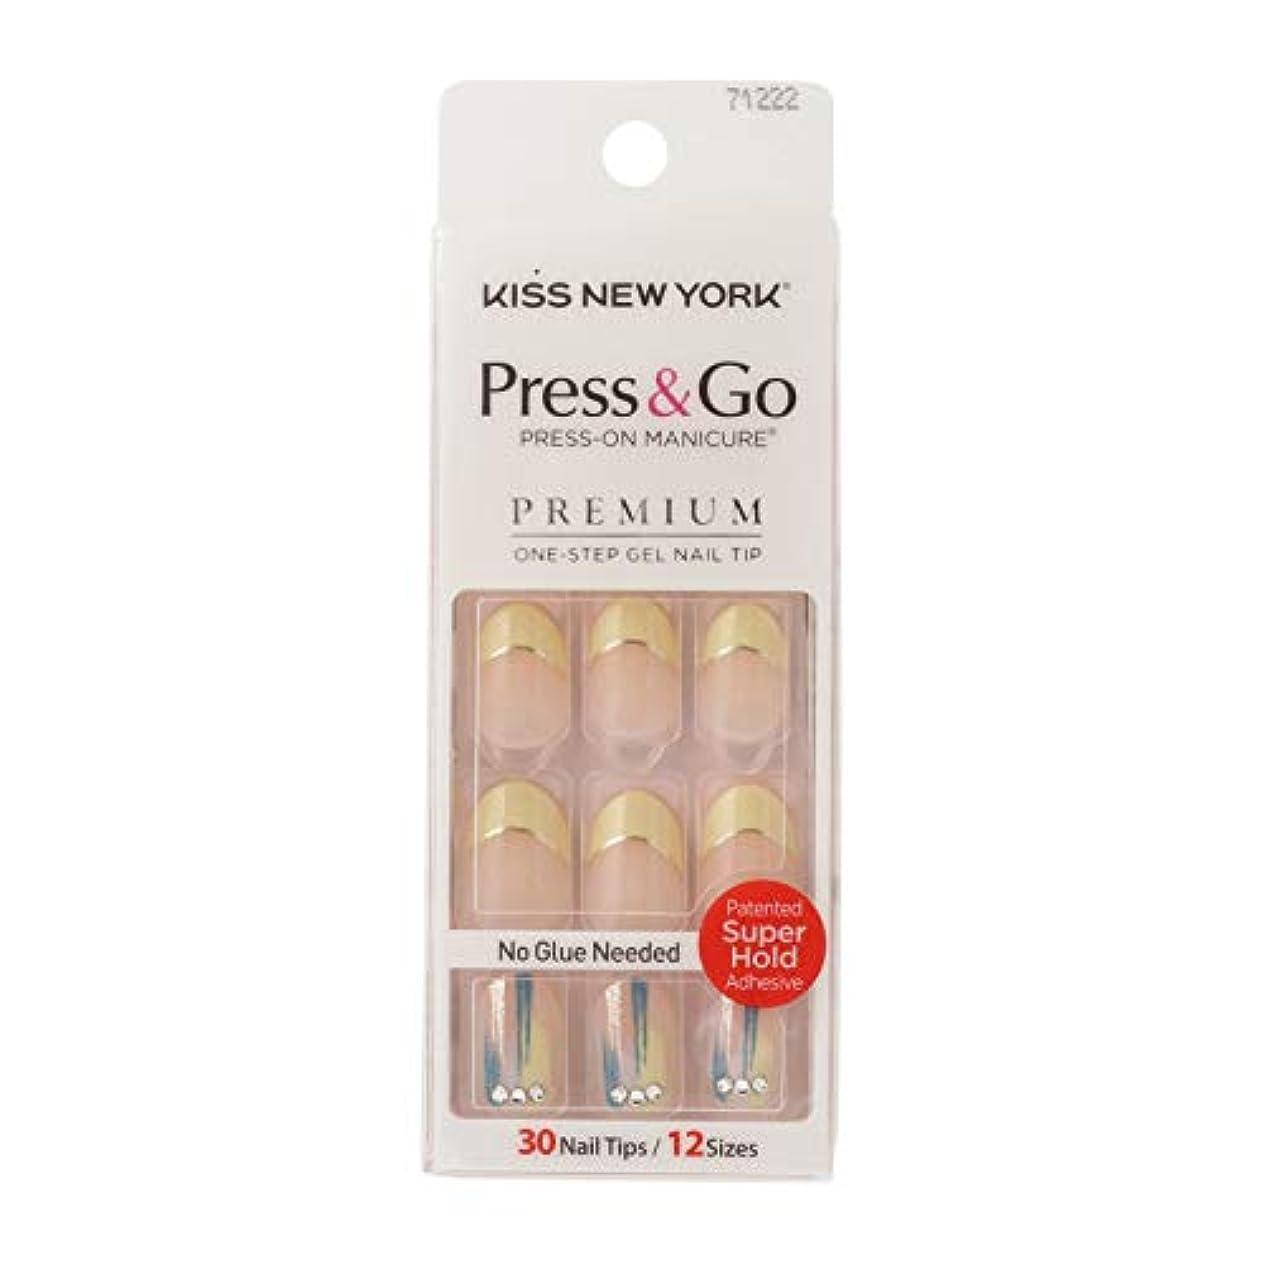 瞑想クレデンシャル教育キスニューヨーク (KISS NEW YORK) KISS NEWYORK ネイルチップPress&Go BHJ32J 19g